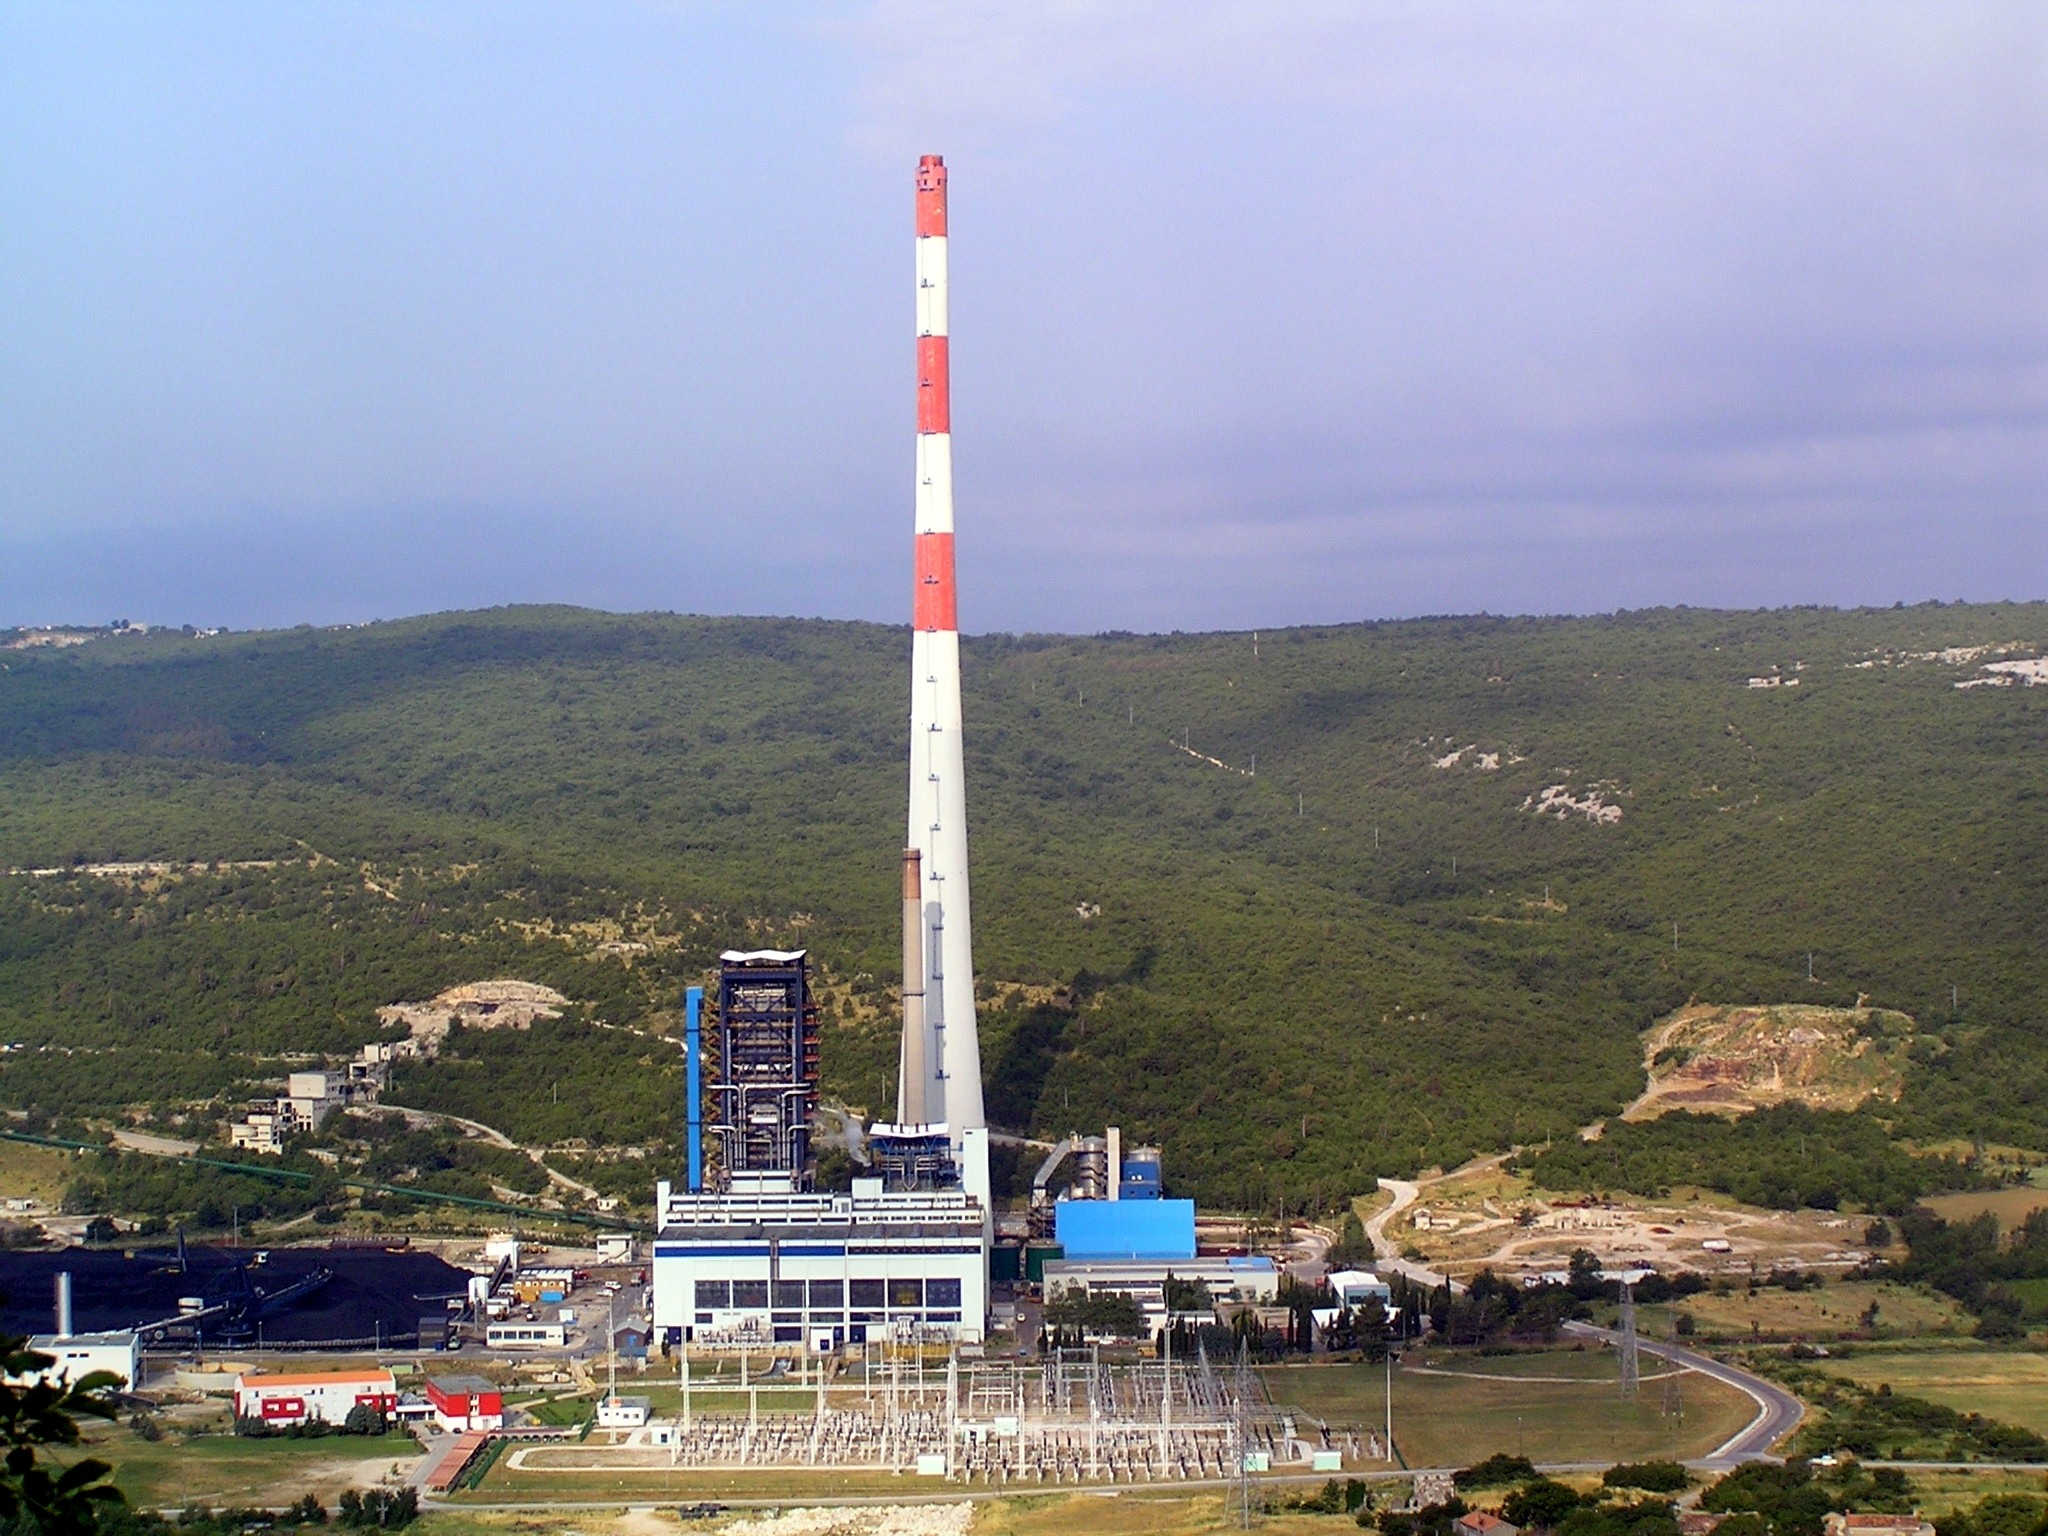 datiranje ugljika na fosilna goriva najbolje mjesto za upoznavanje na španjolskom